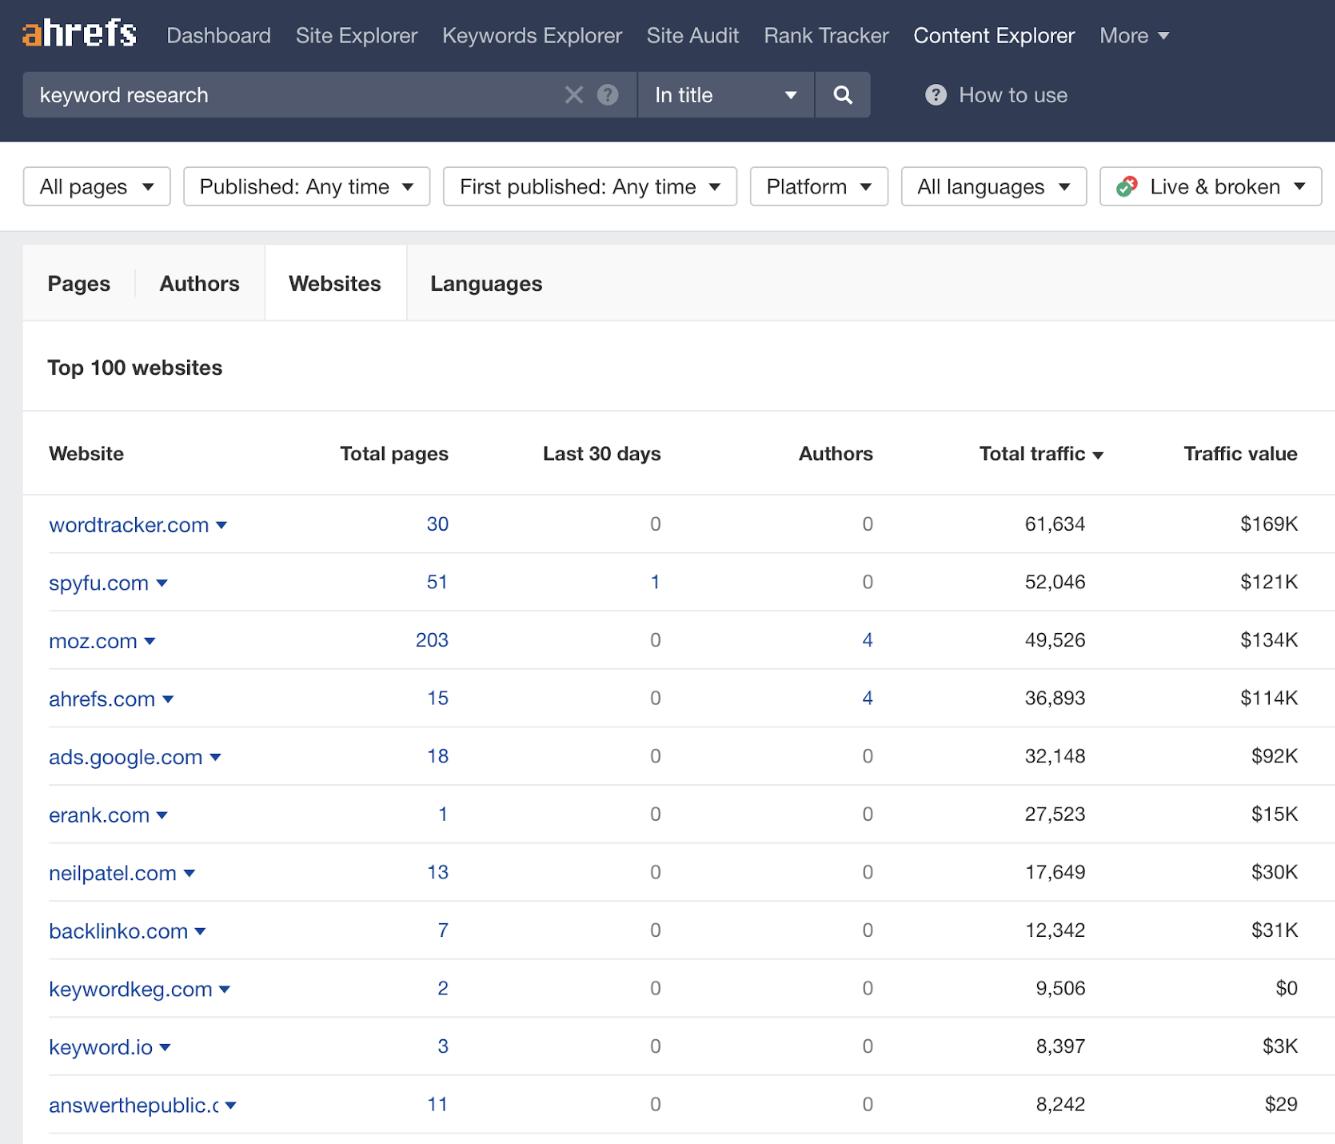 38 top websites